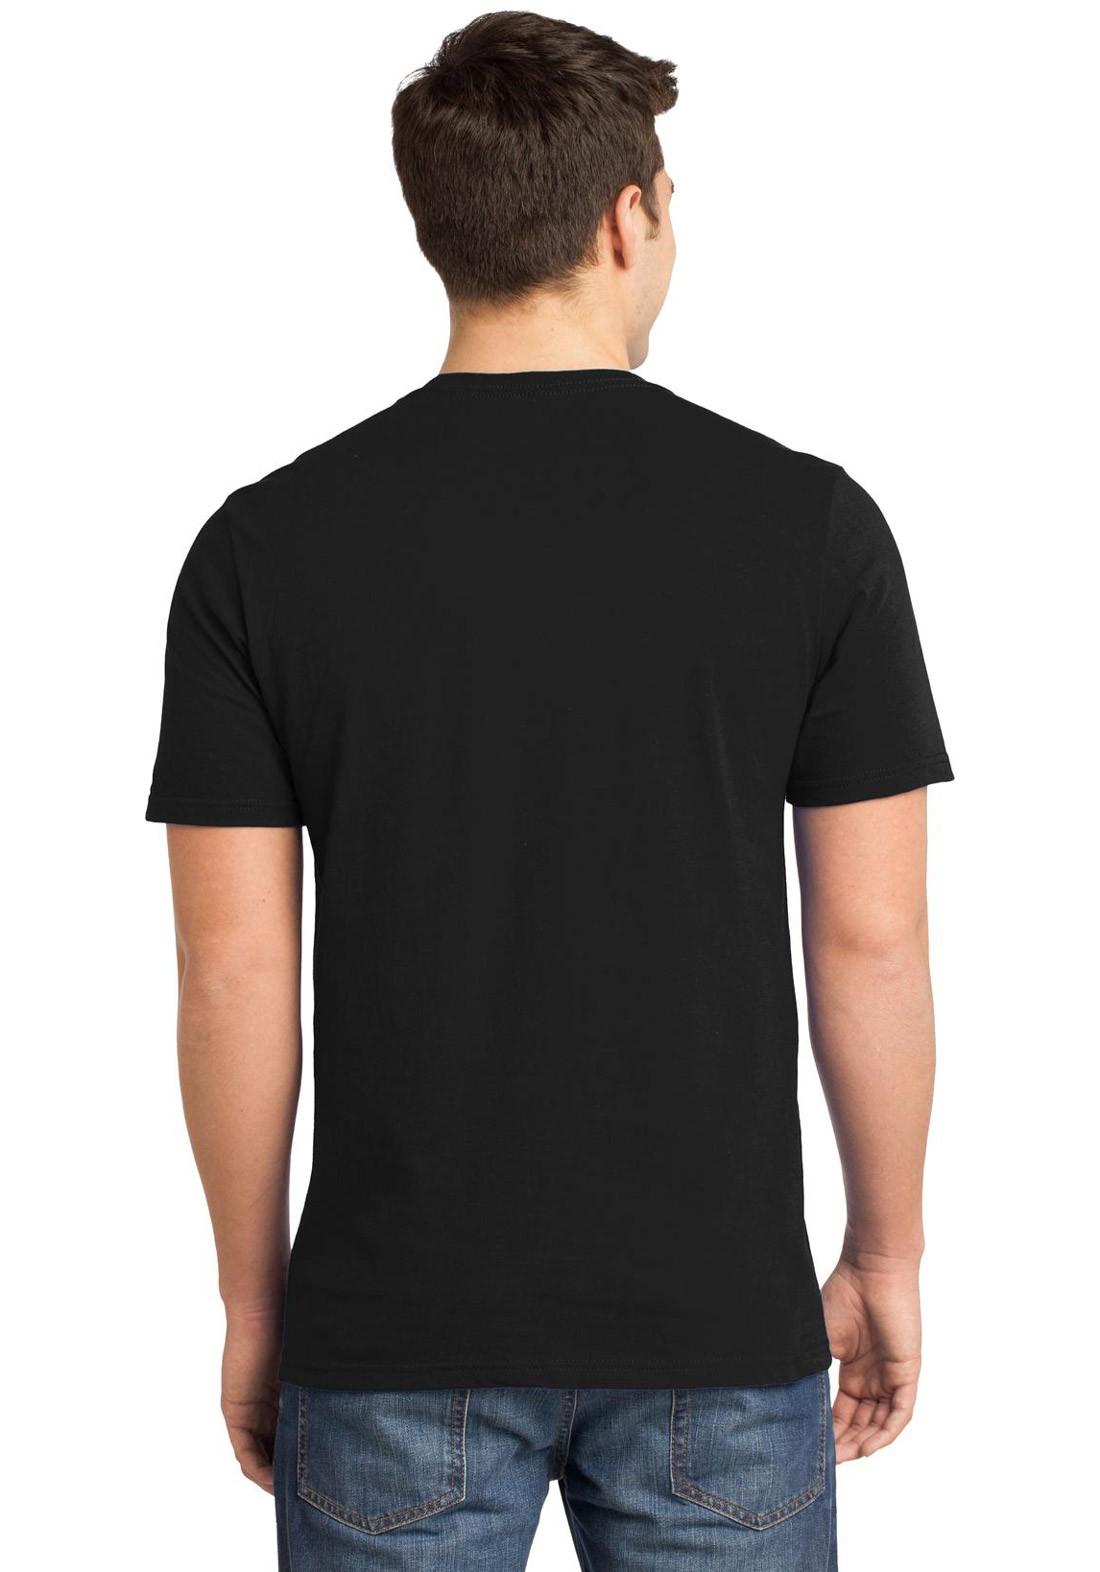 Camiseta Masculina Universitária Faculdade Matemática